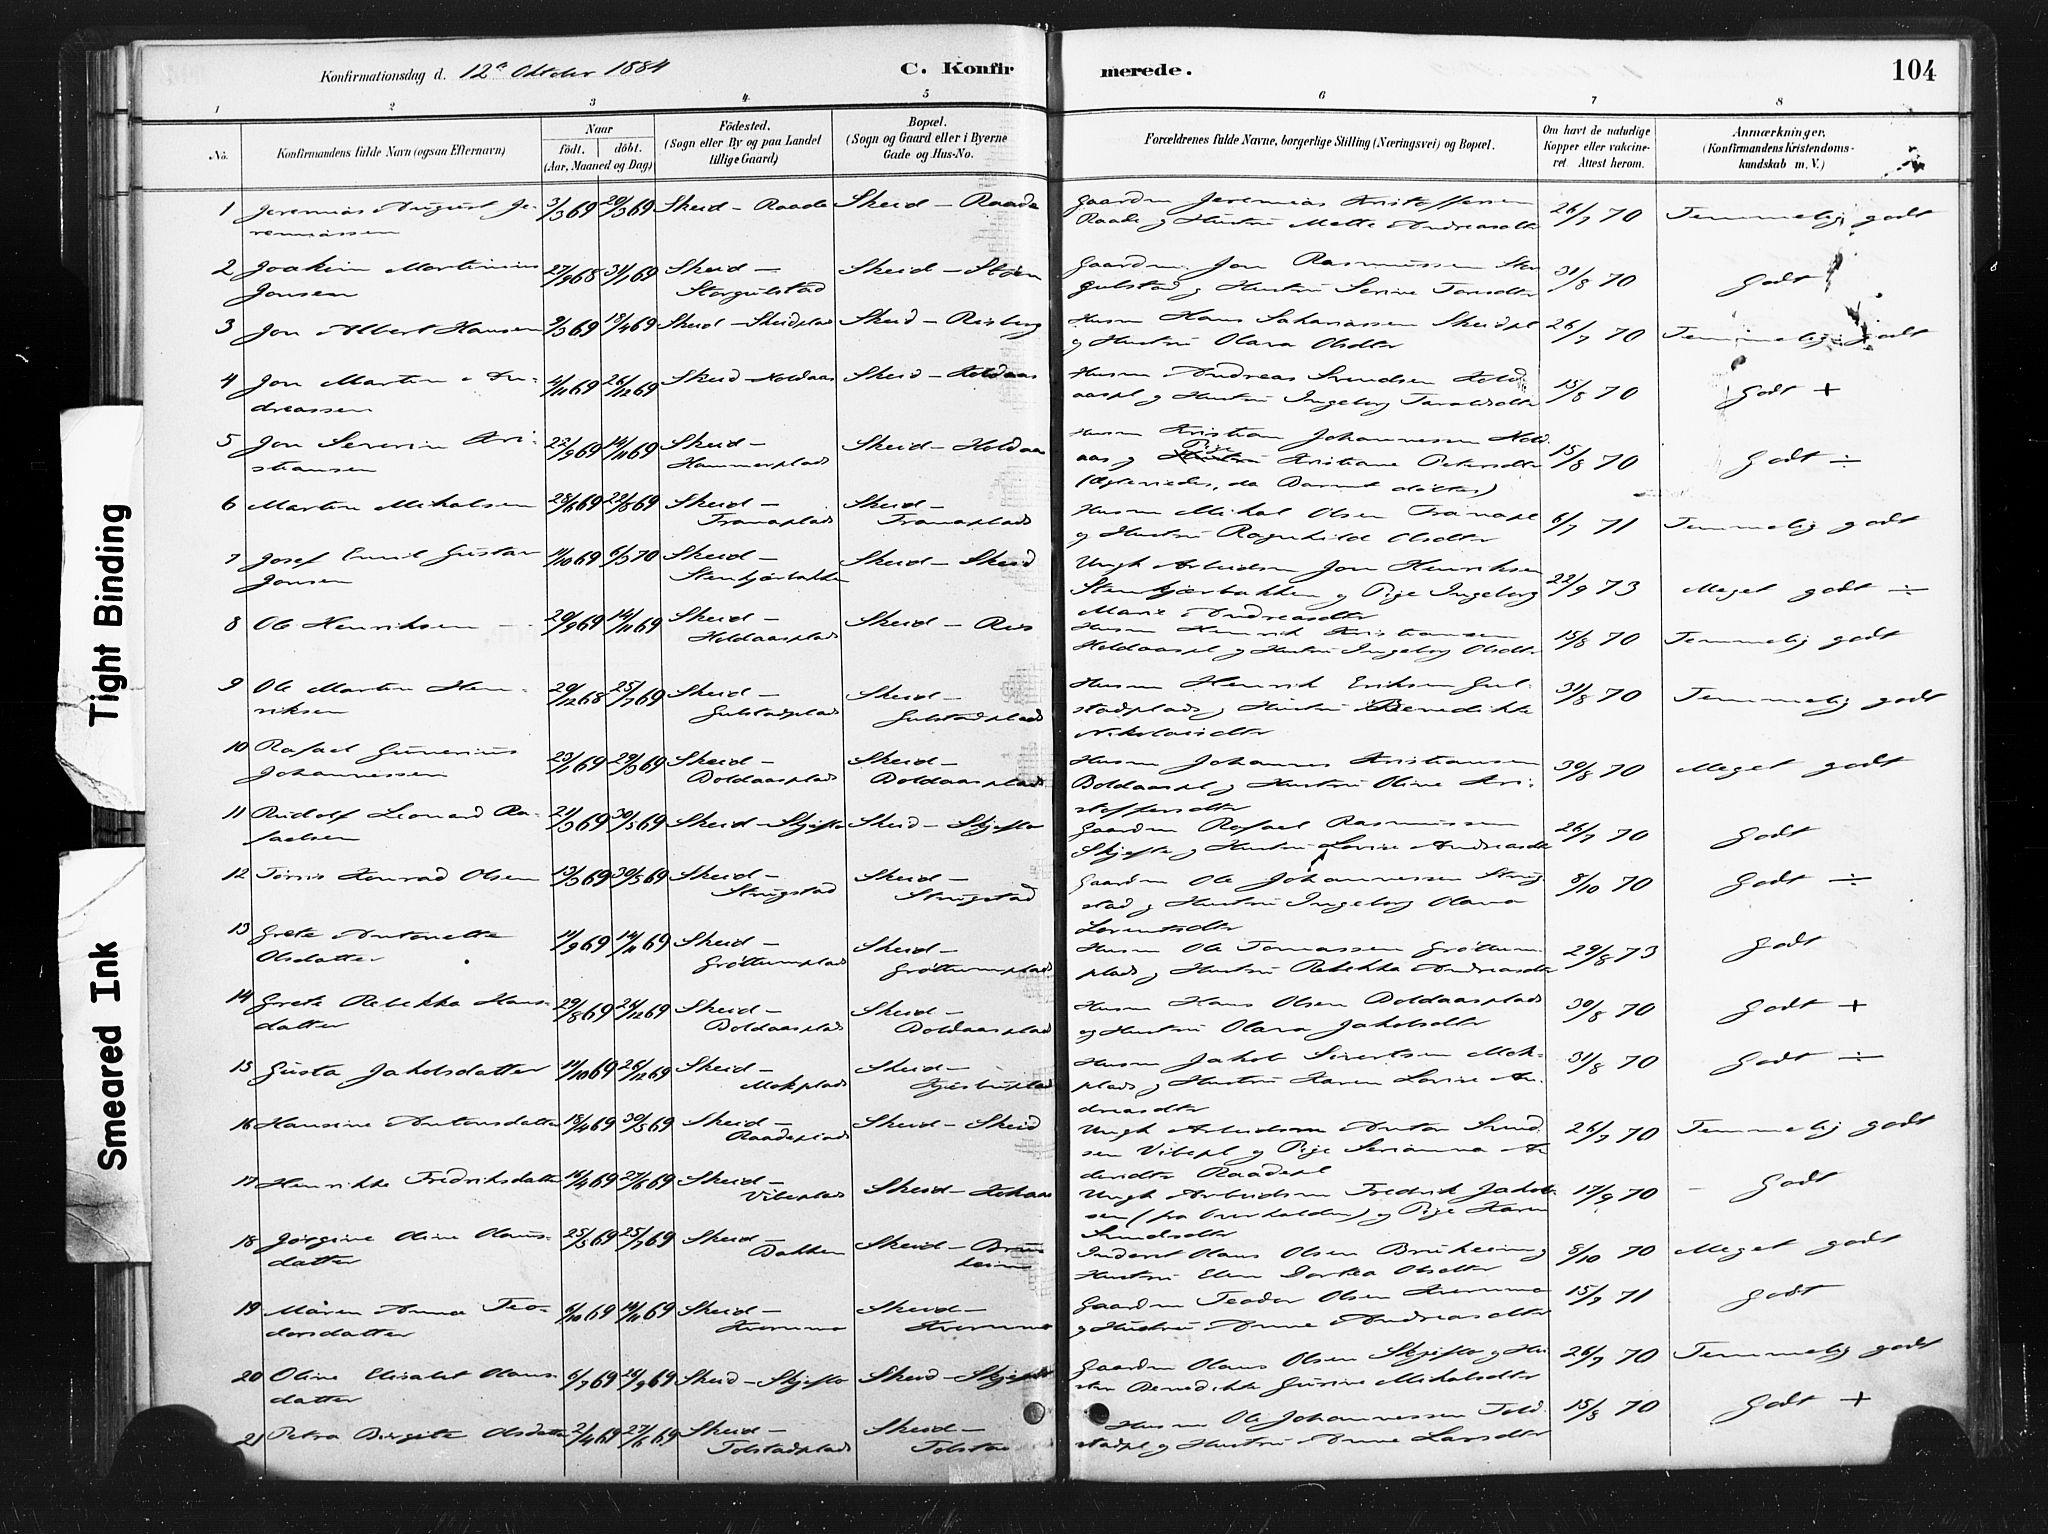 SAT, Ministerialprotokoller, klokkerbøker og fødselsregistre - Nord-Trøndelag, 736/L0361: Ministerialbok nr. 736A01, 1884-1906, s. 104